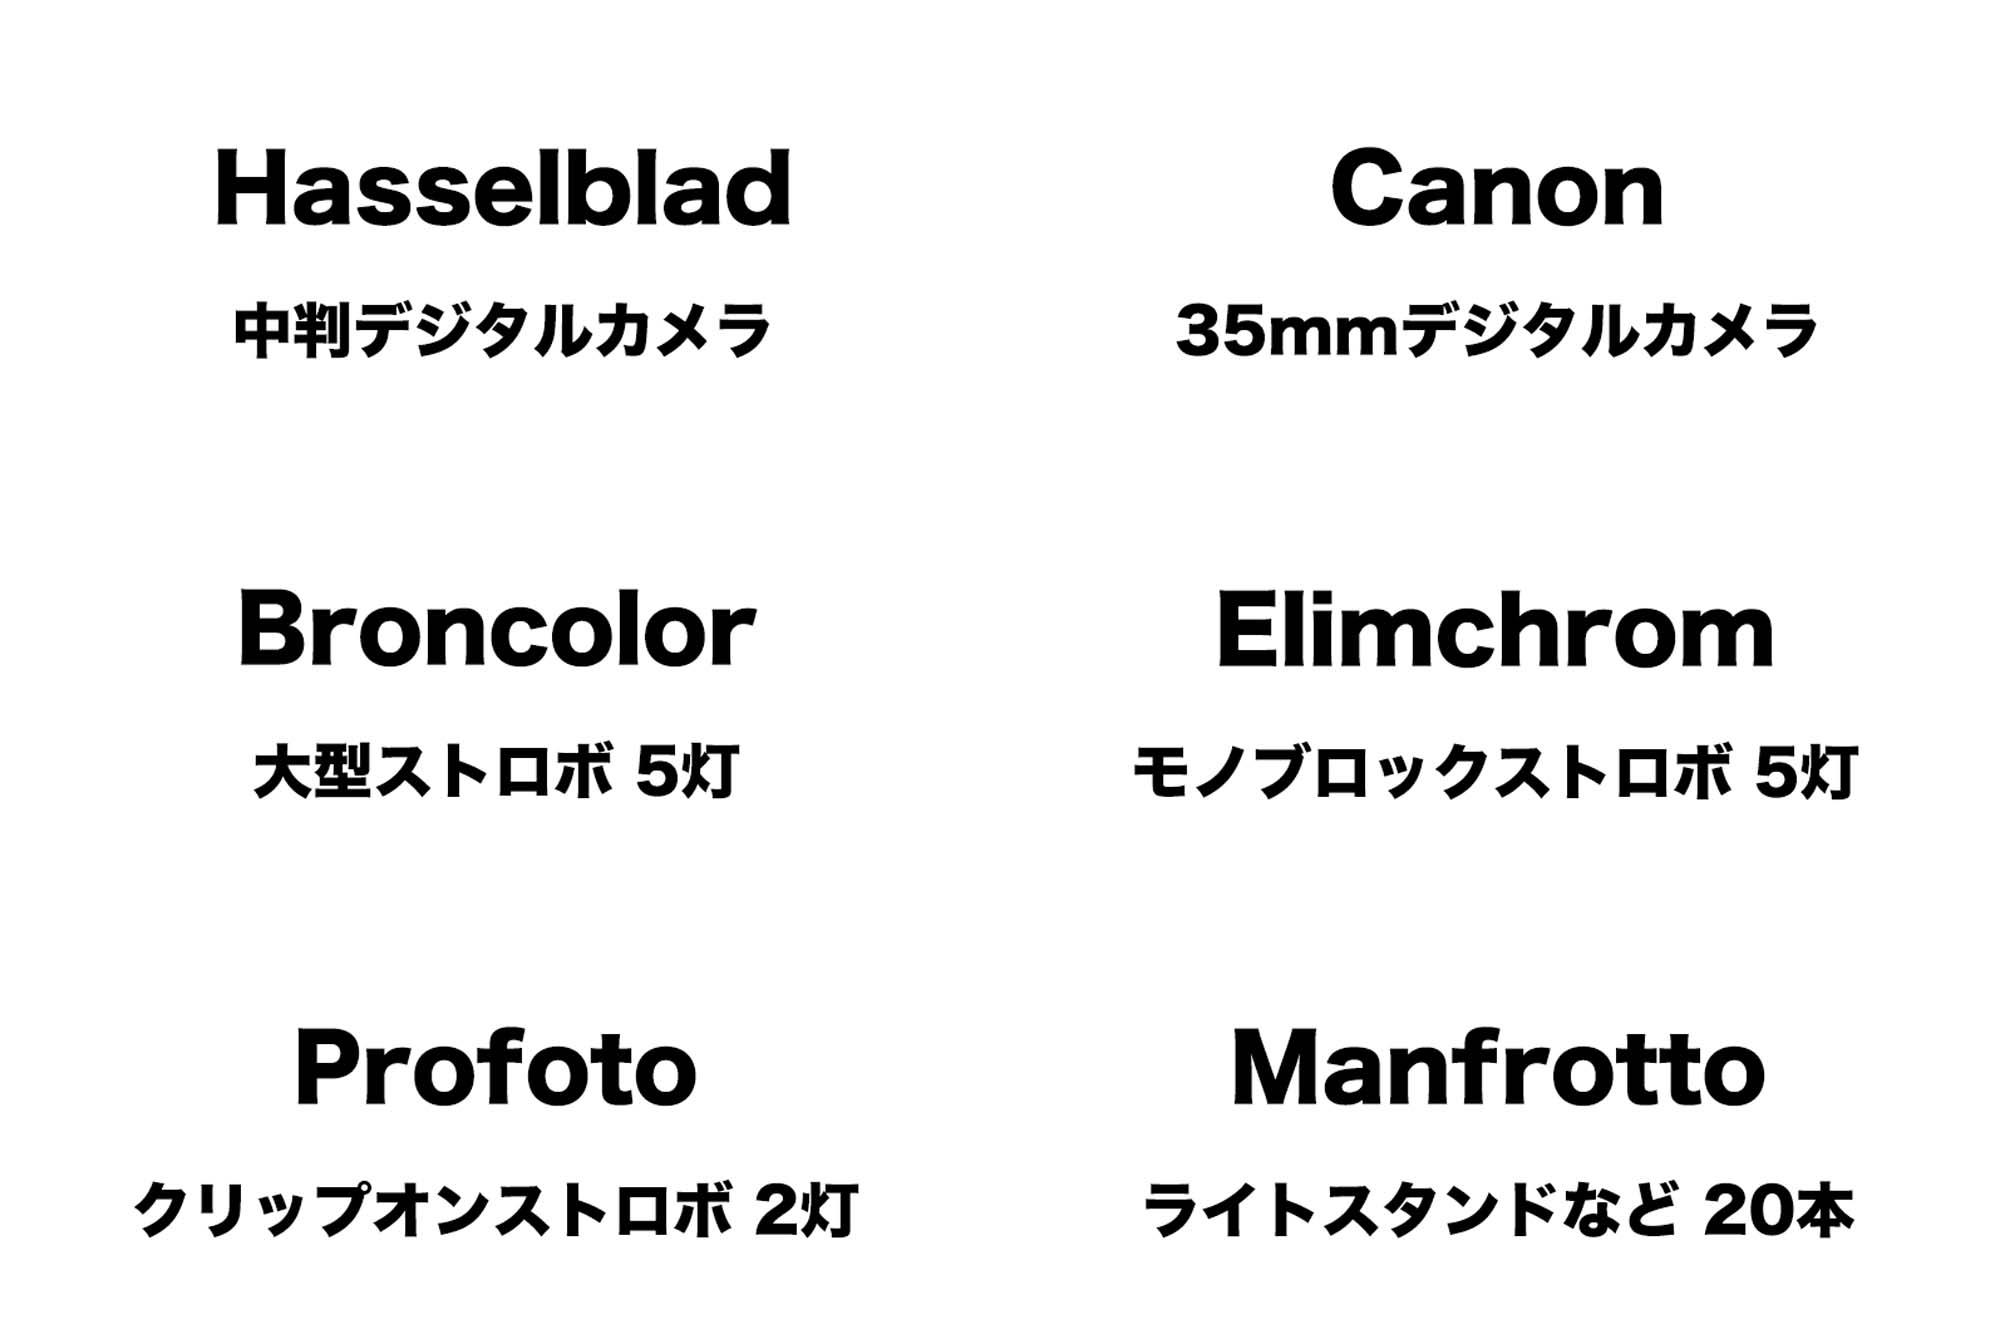 キャノン ハッセルブラッド 中判デジタル ブロンカラー エリンクローム マンフロット プロフォト